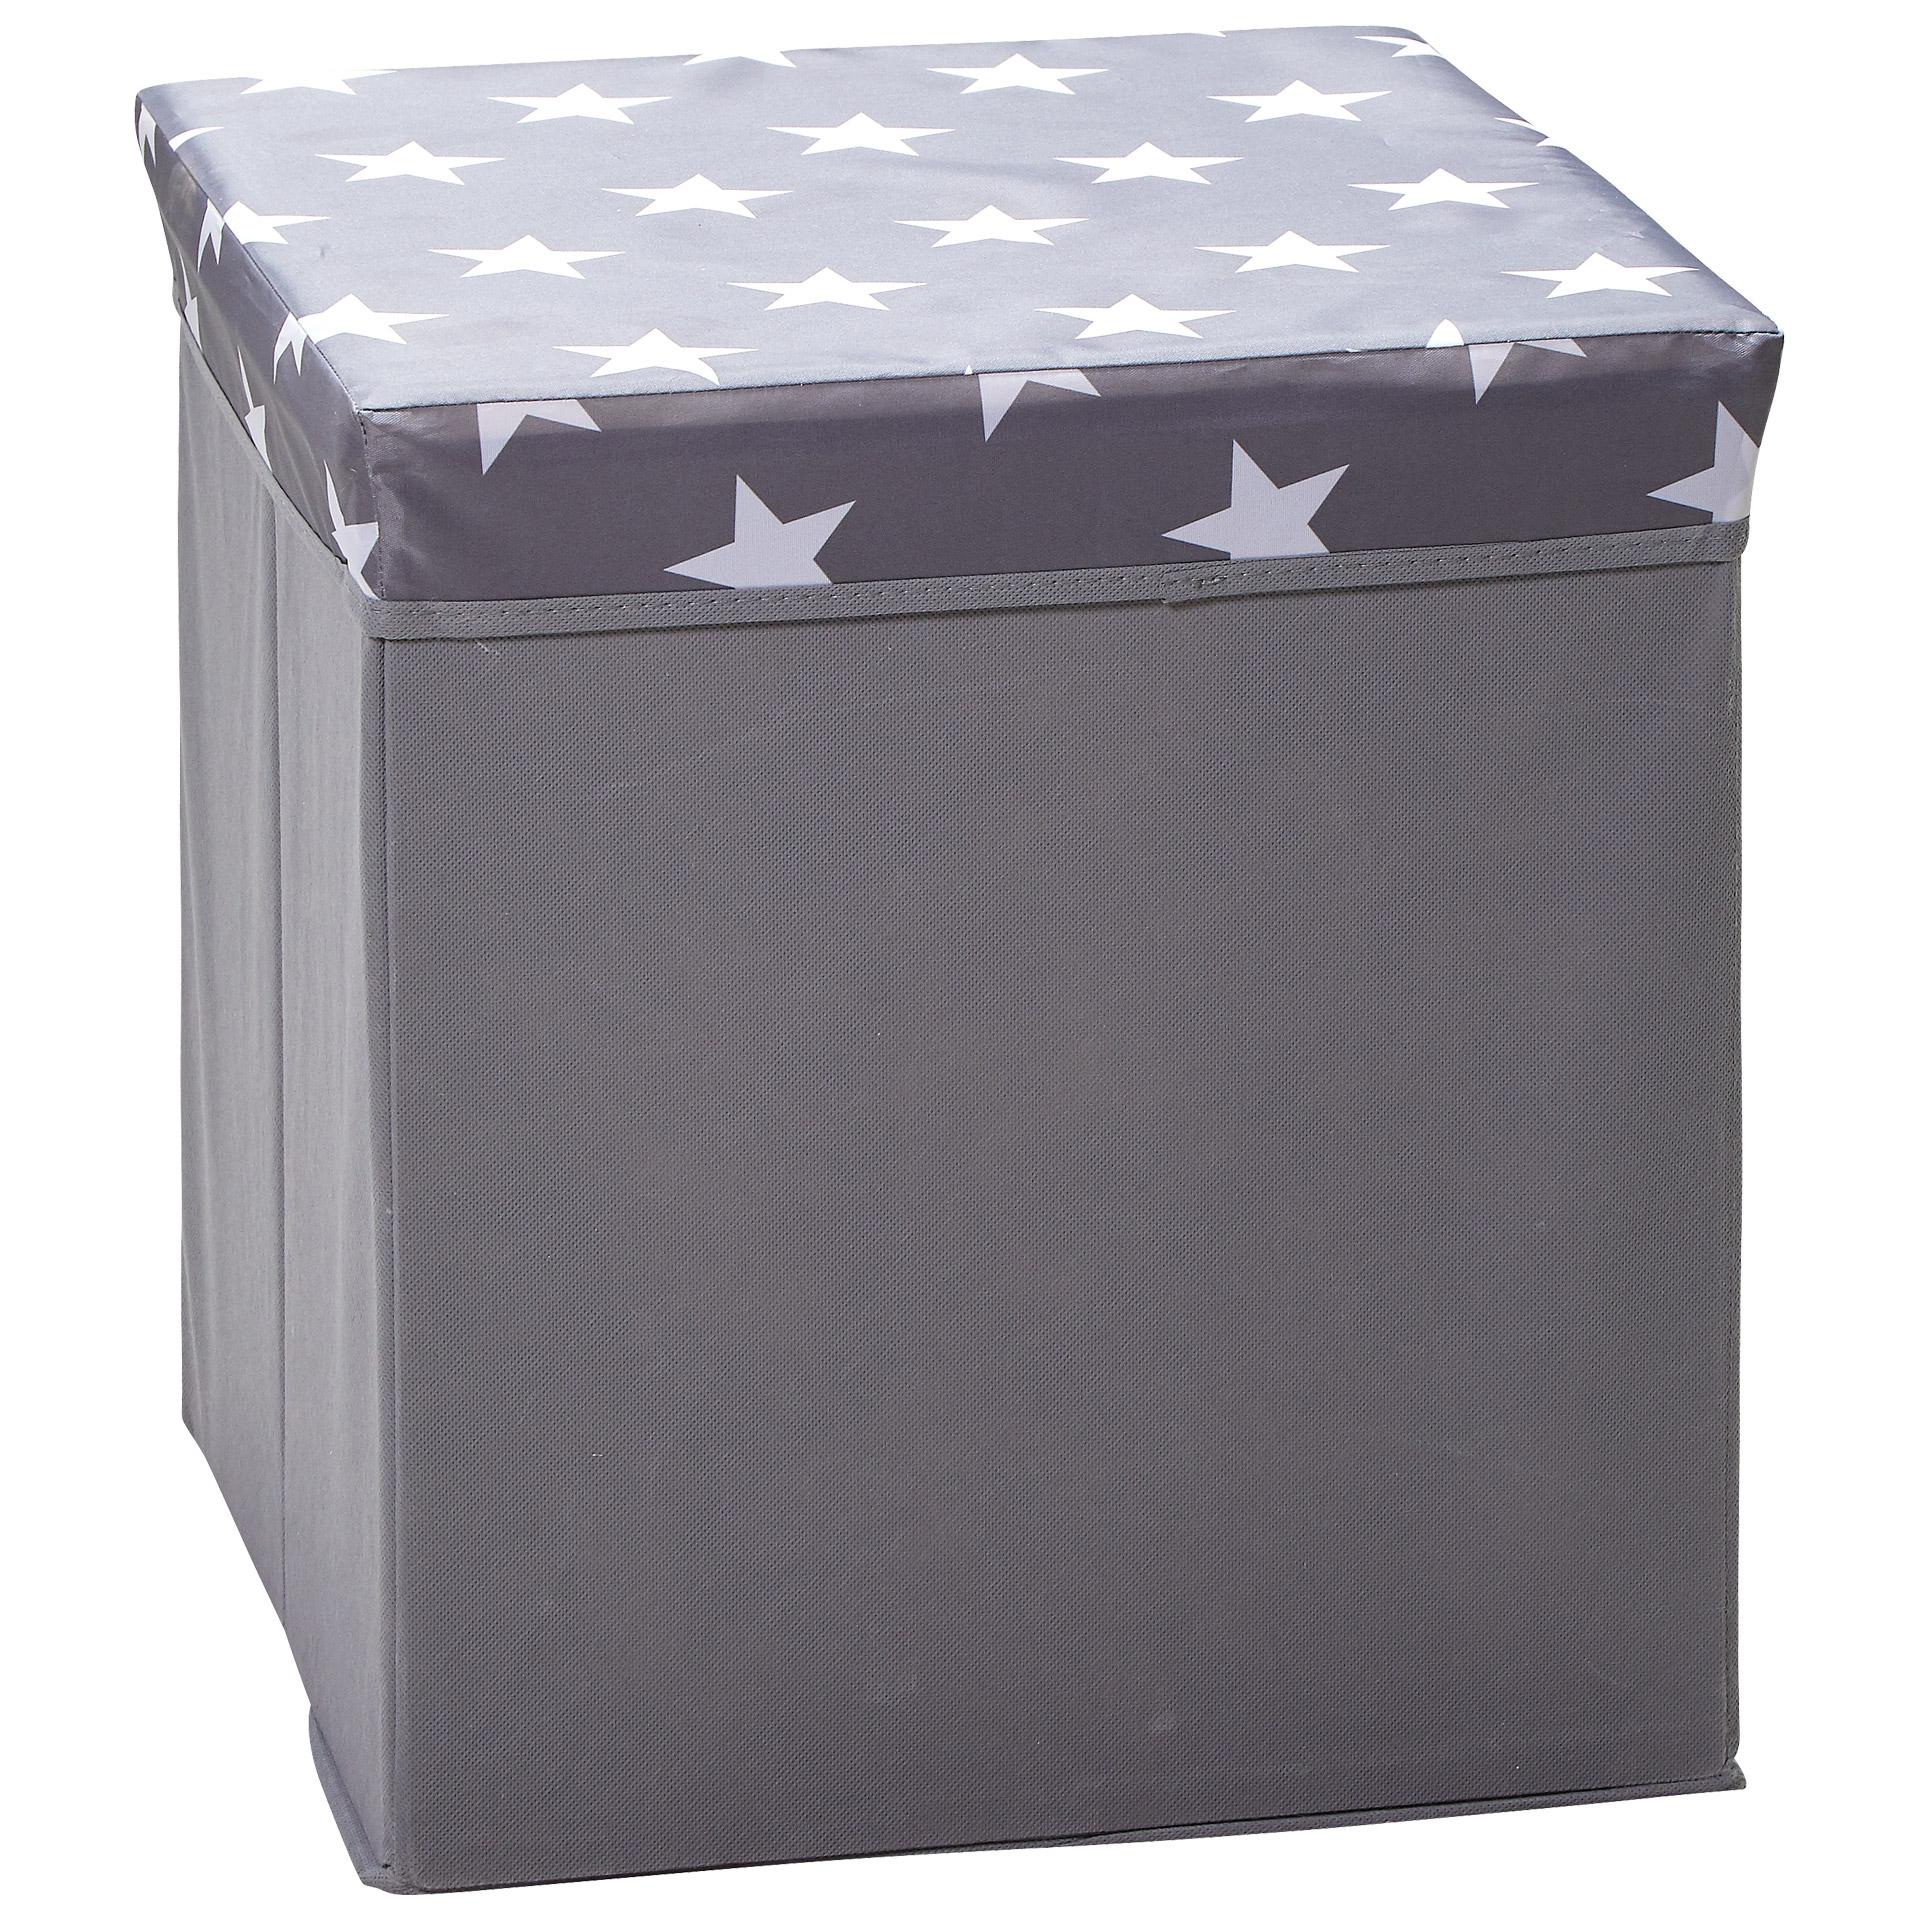 Sitzbox mit Sternen